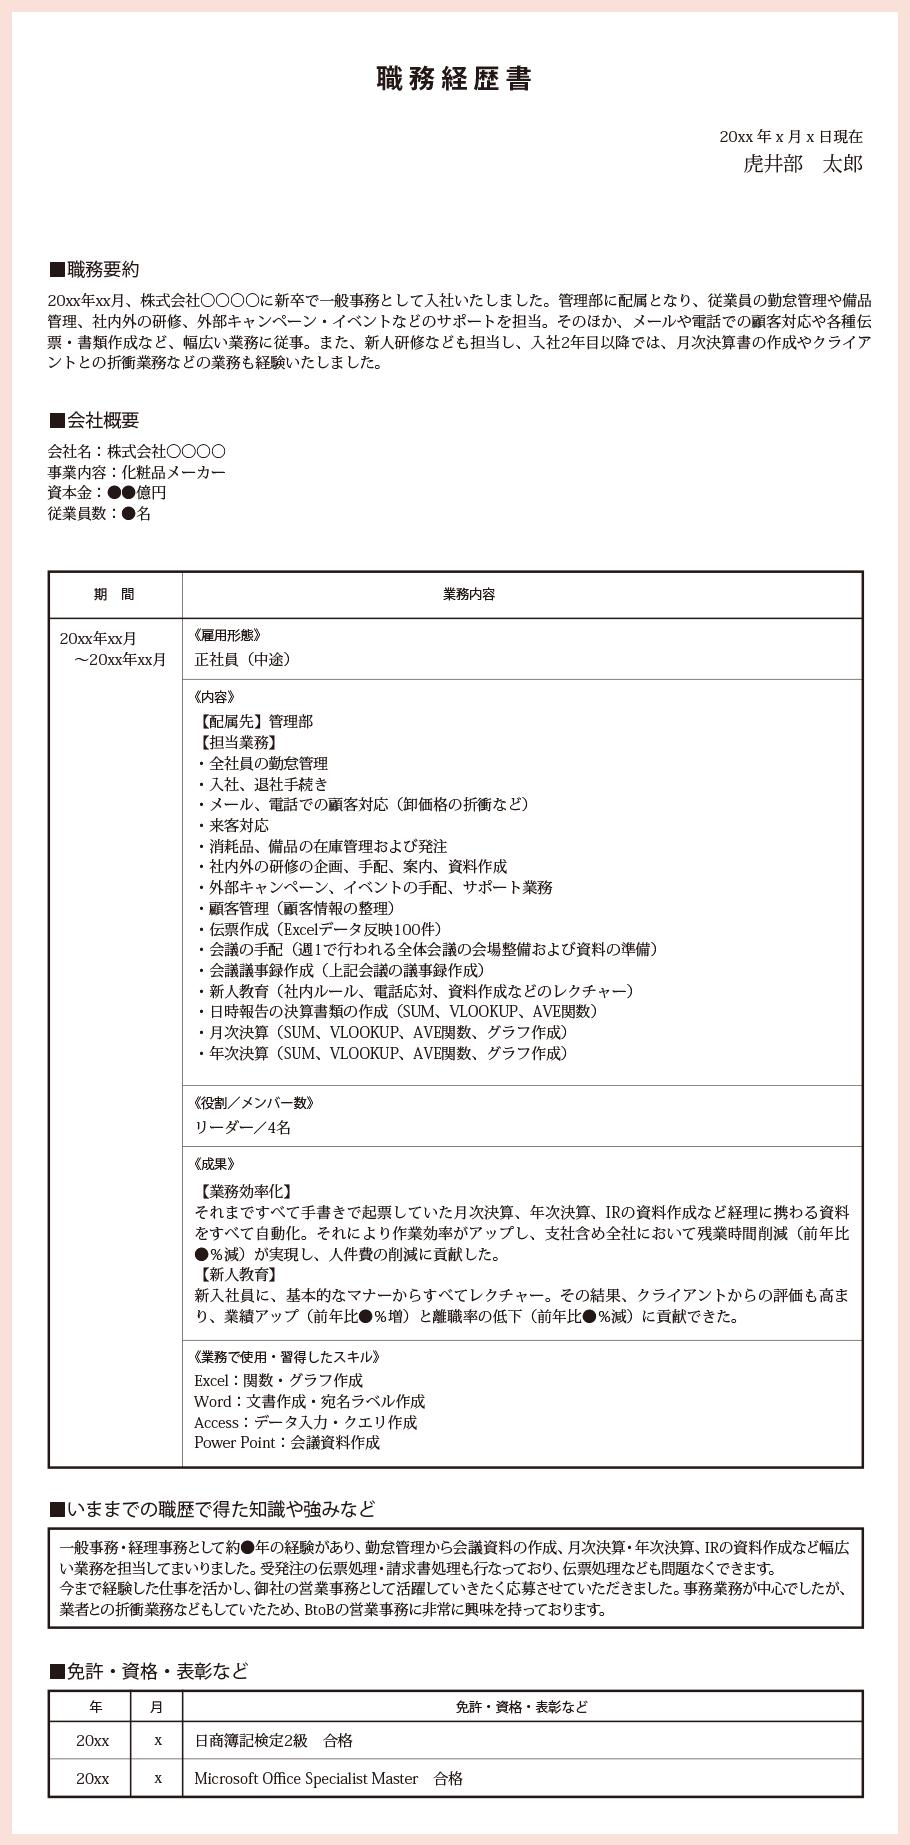 職務経歴書サンプル:事務